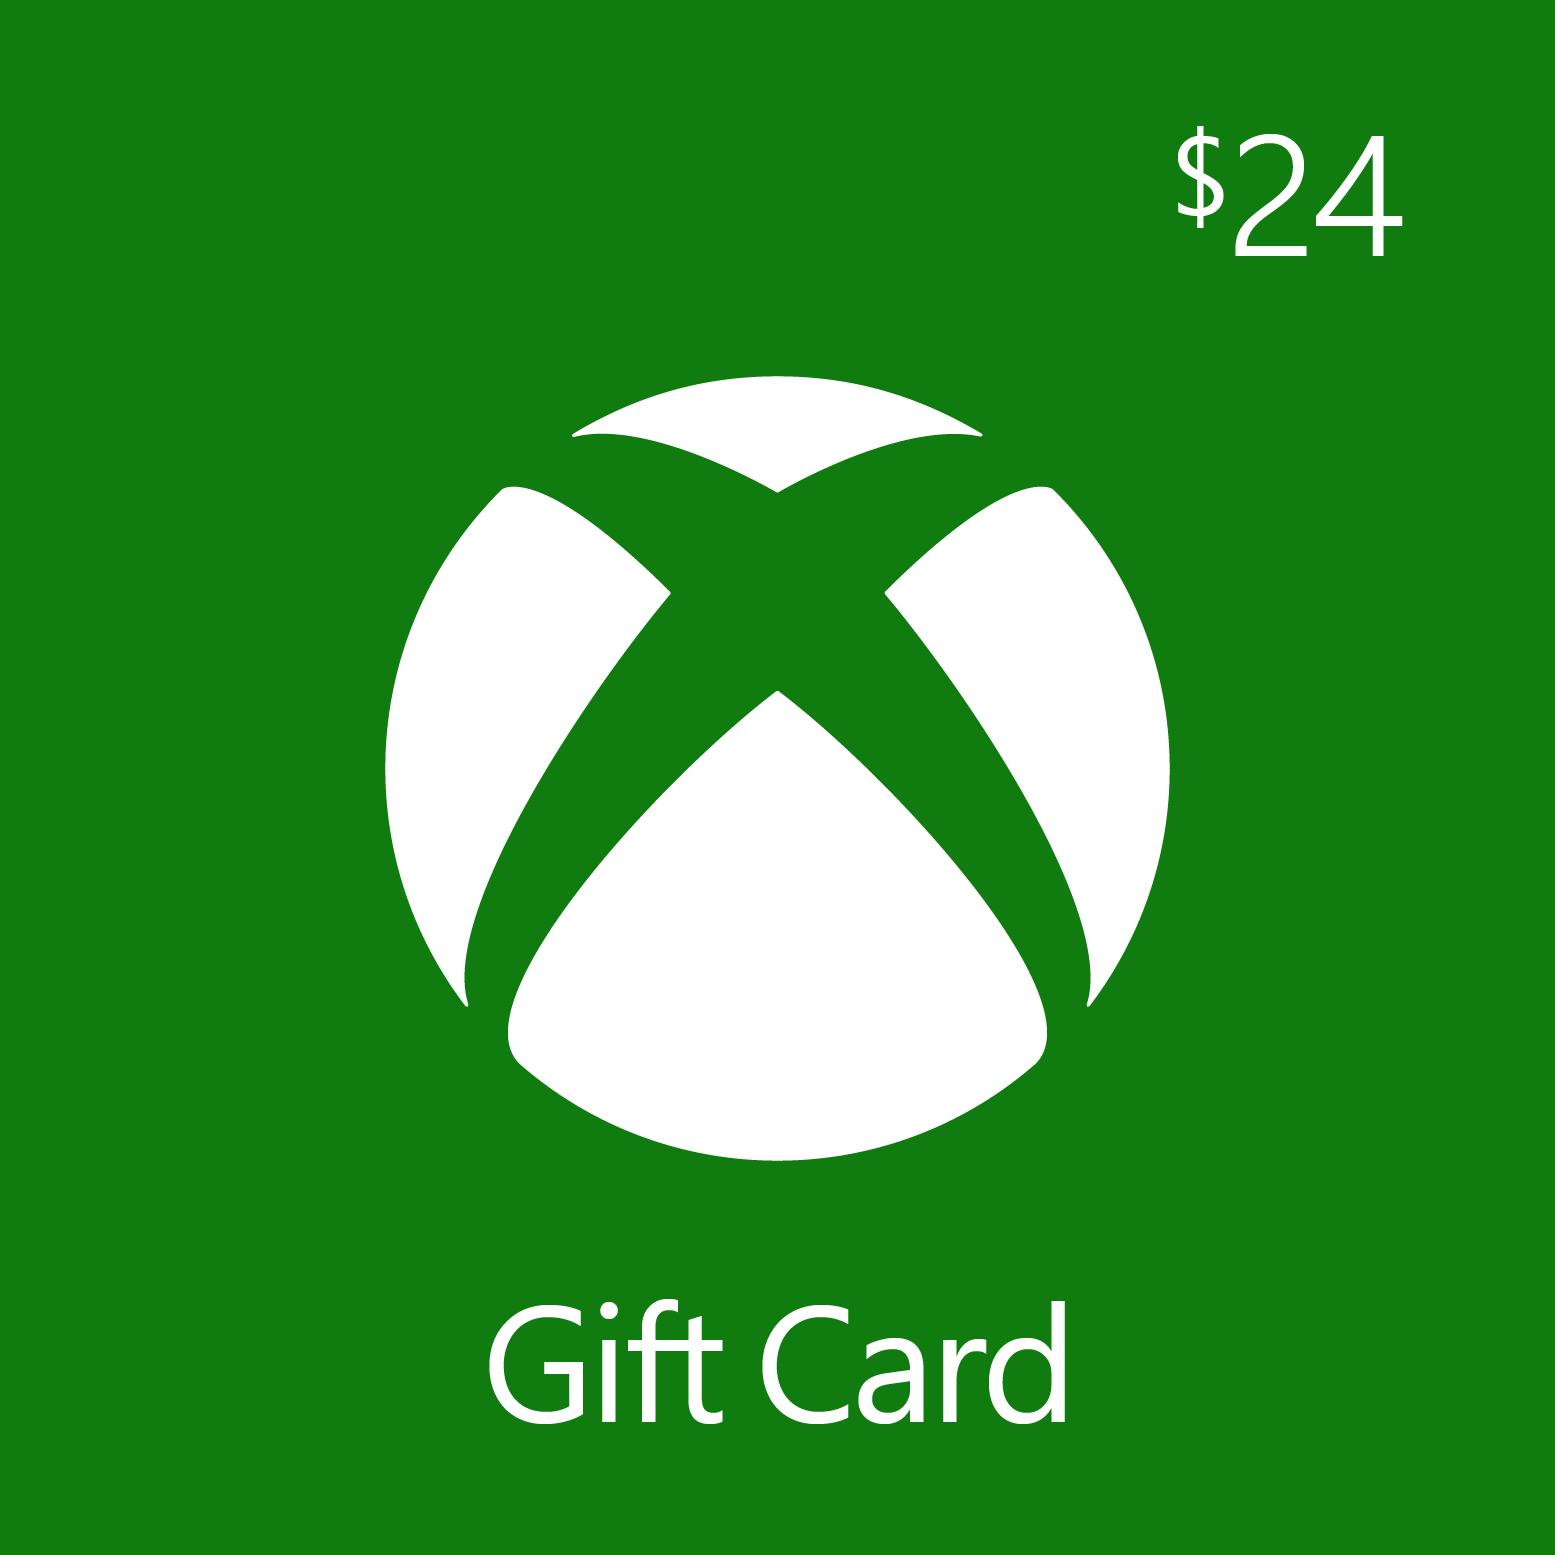 $24.00 Xbox Digital Gift Card